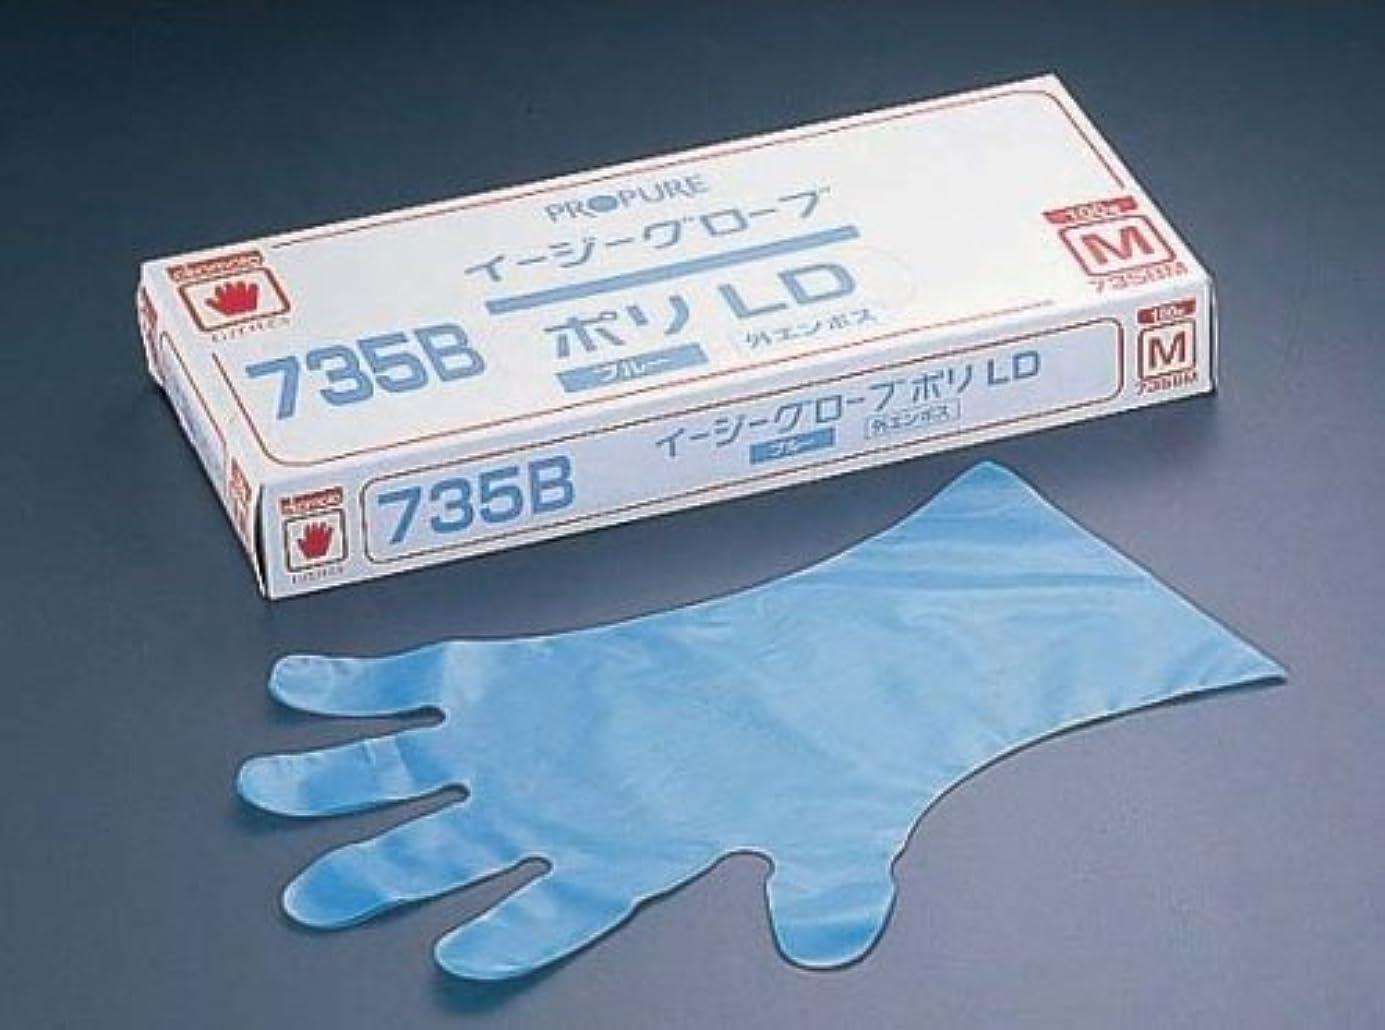 キャッチハンカチりんごイージーグローブ 指先ぴったり ブルー